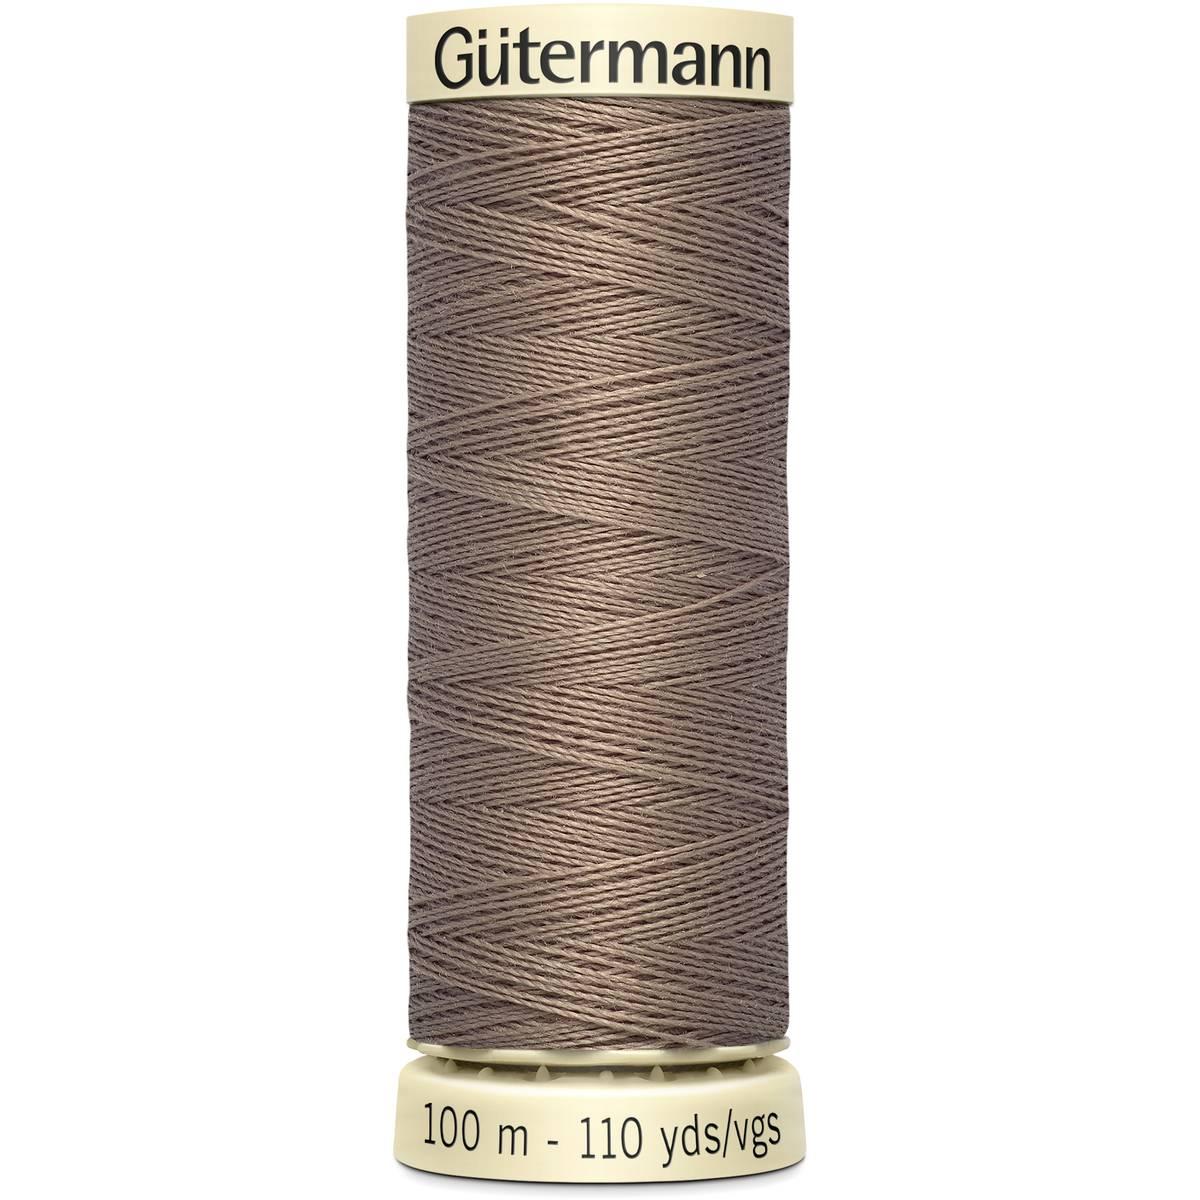 חוט תפירה גוטרמן - Brown 199